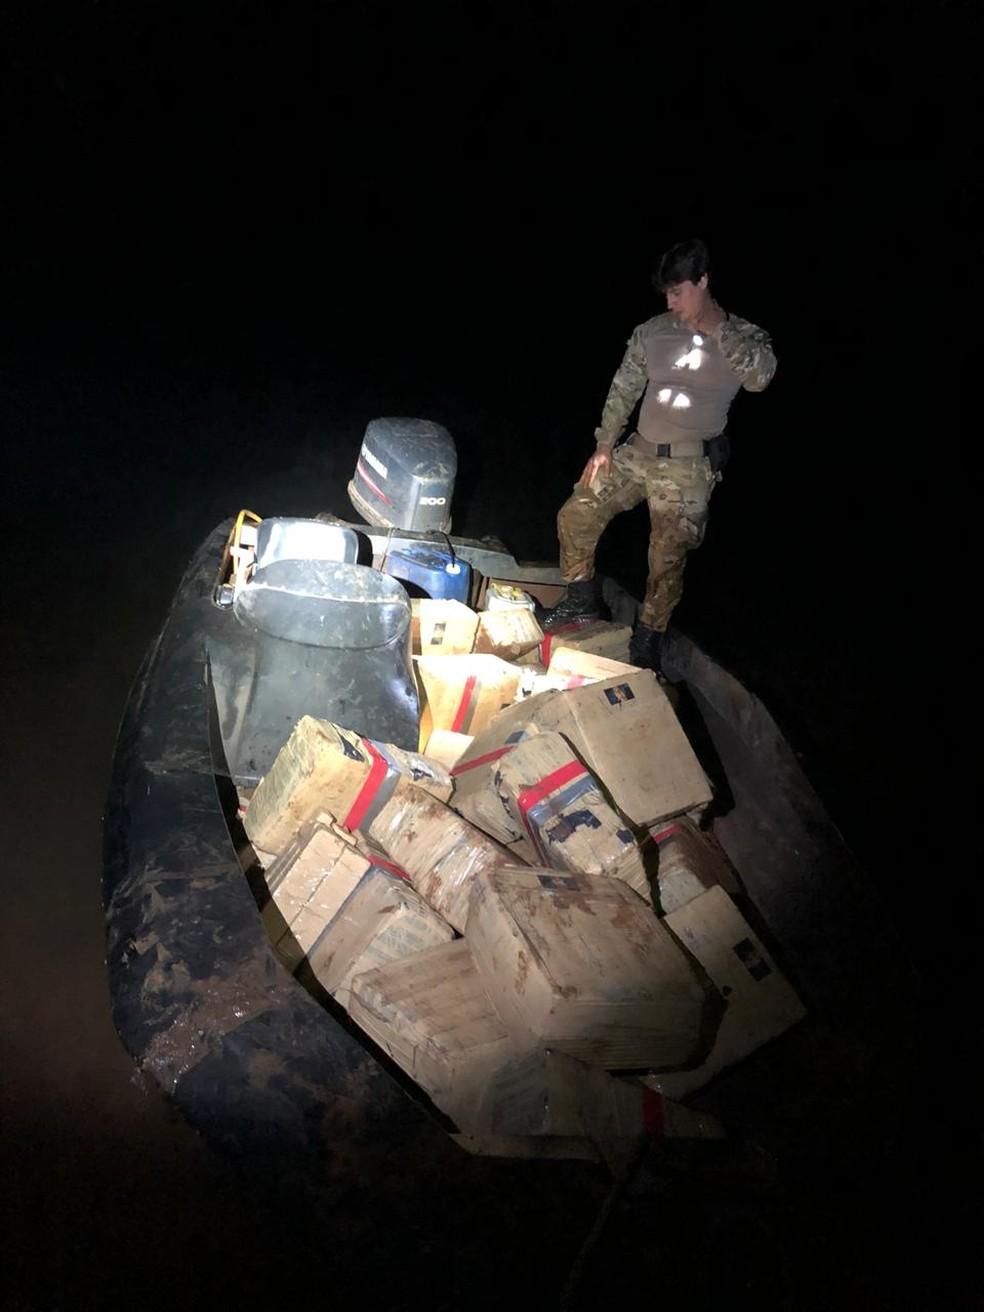 Buscas foram feitas pela região, mas o piloto do barco não foi encontrado — Foto: PF/Divulgação